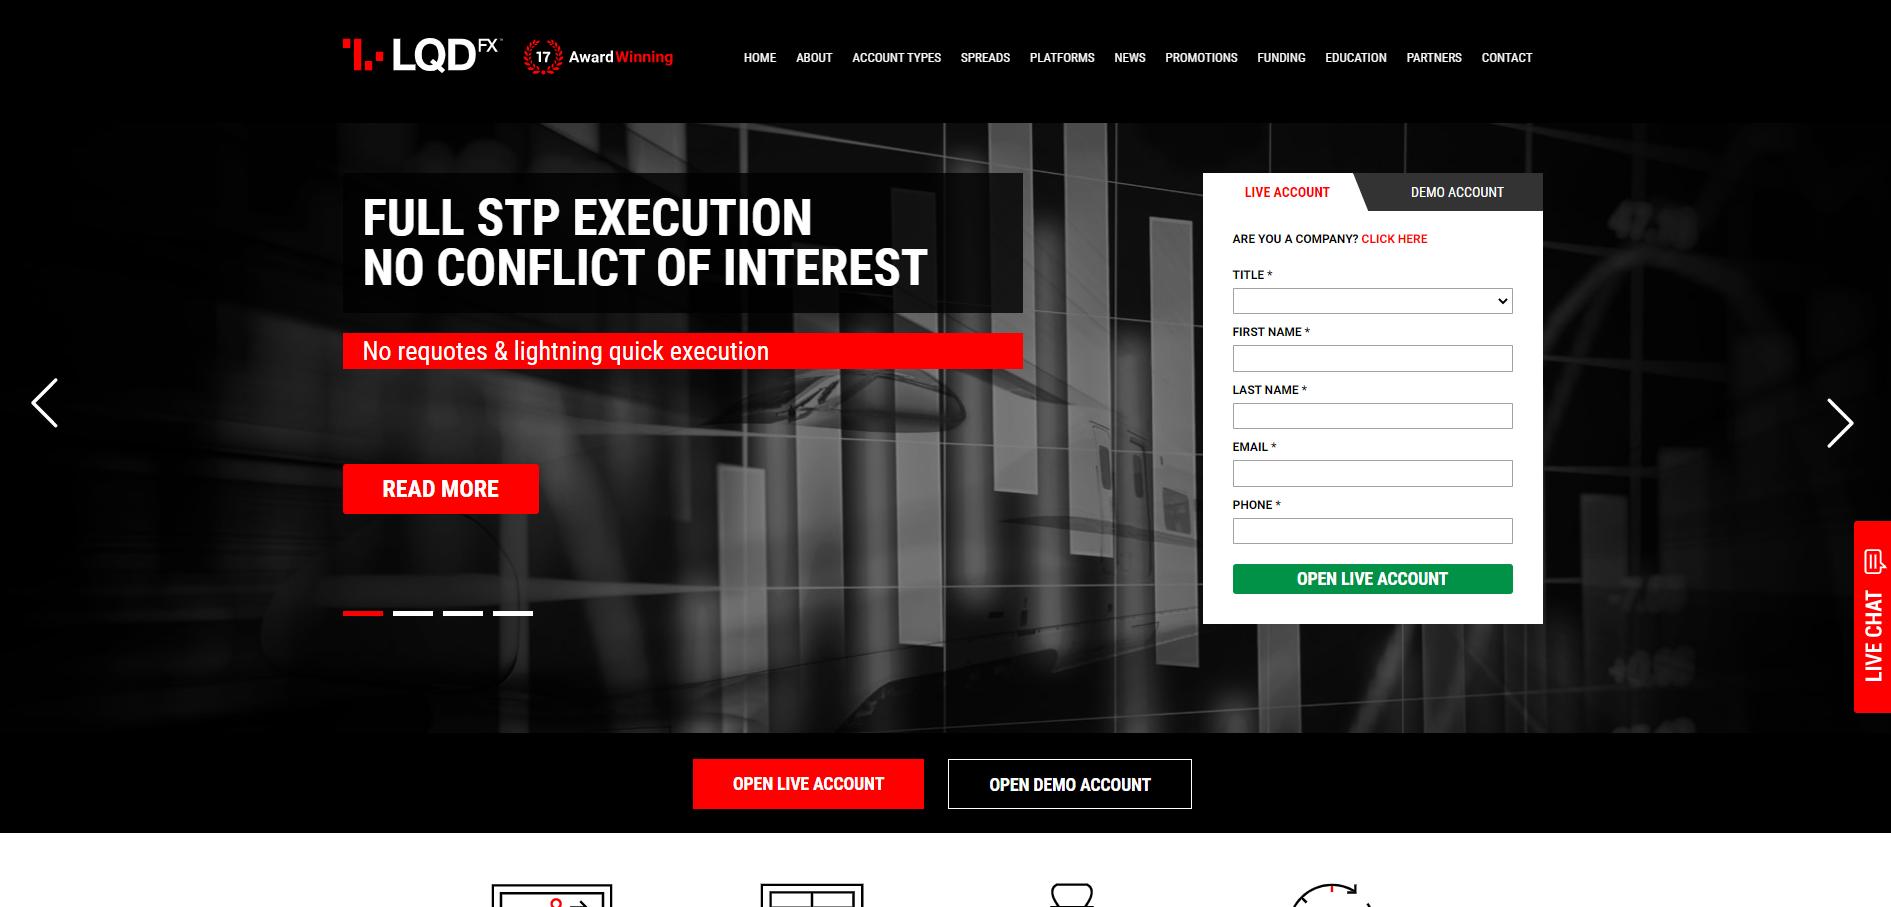 Official website of LQDFX